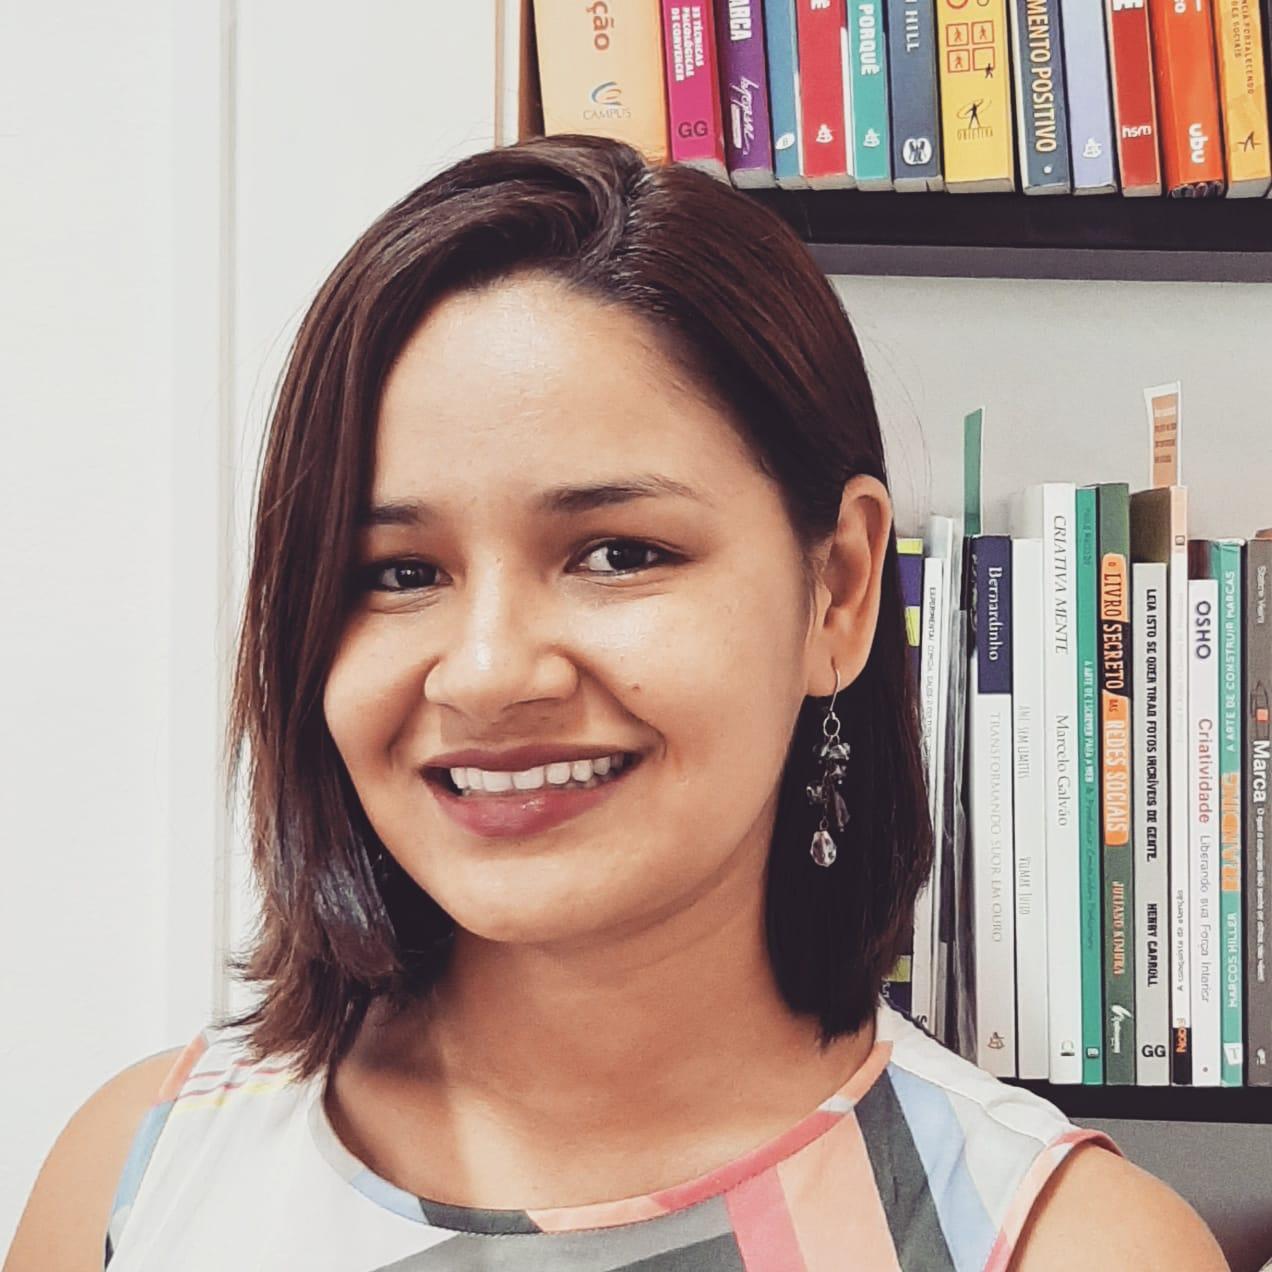 Lia Lopes Almeida